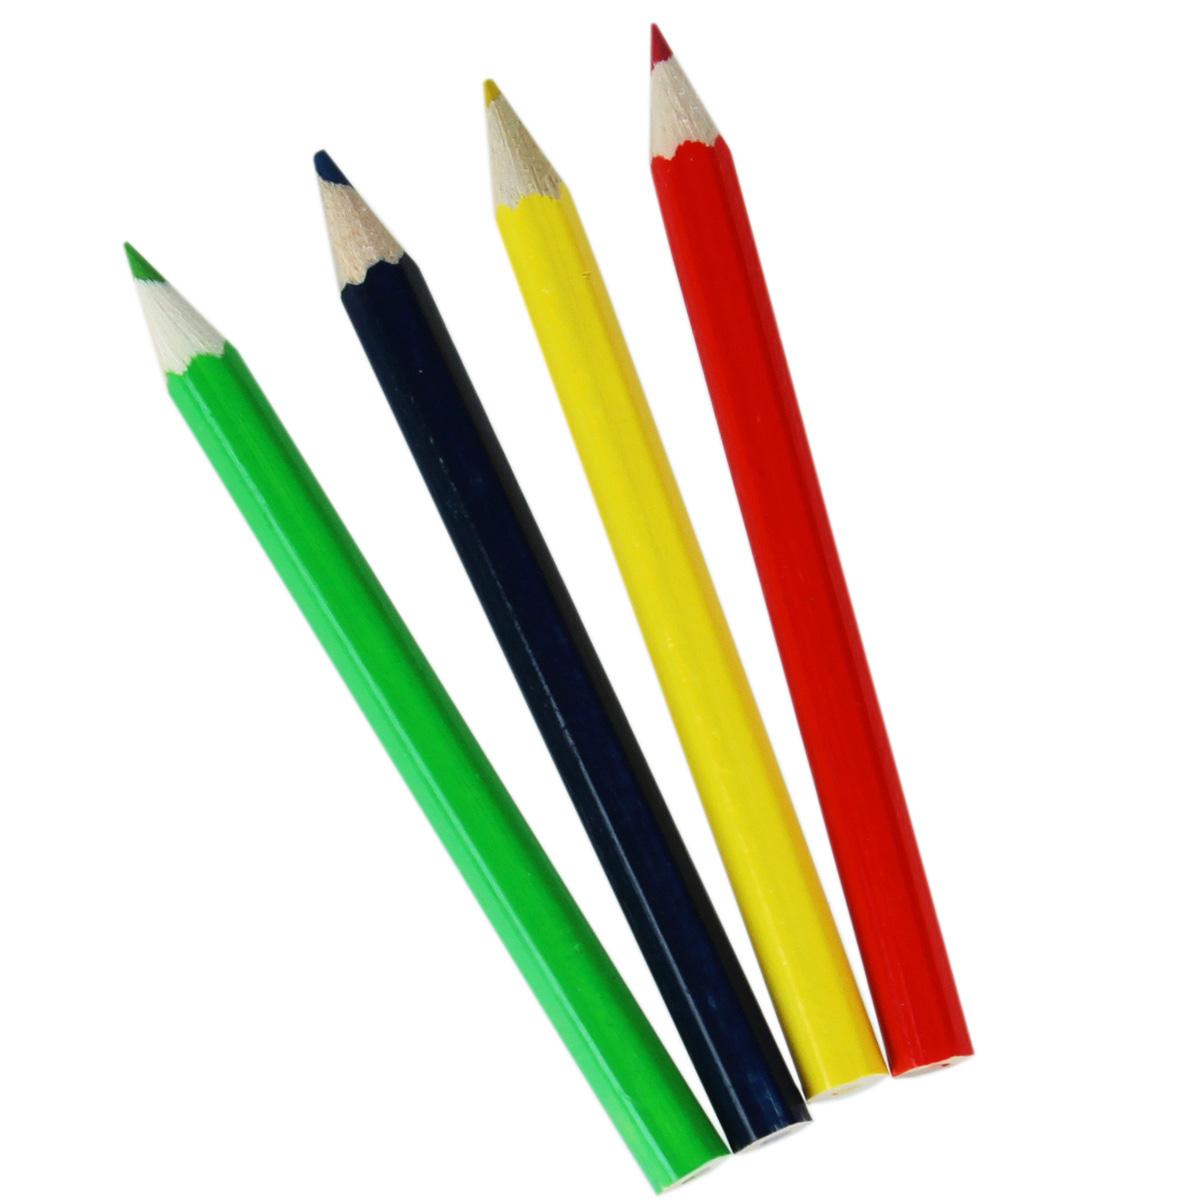 Картинка для детей карандаш на прозрачном фоне